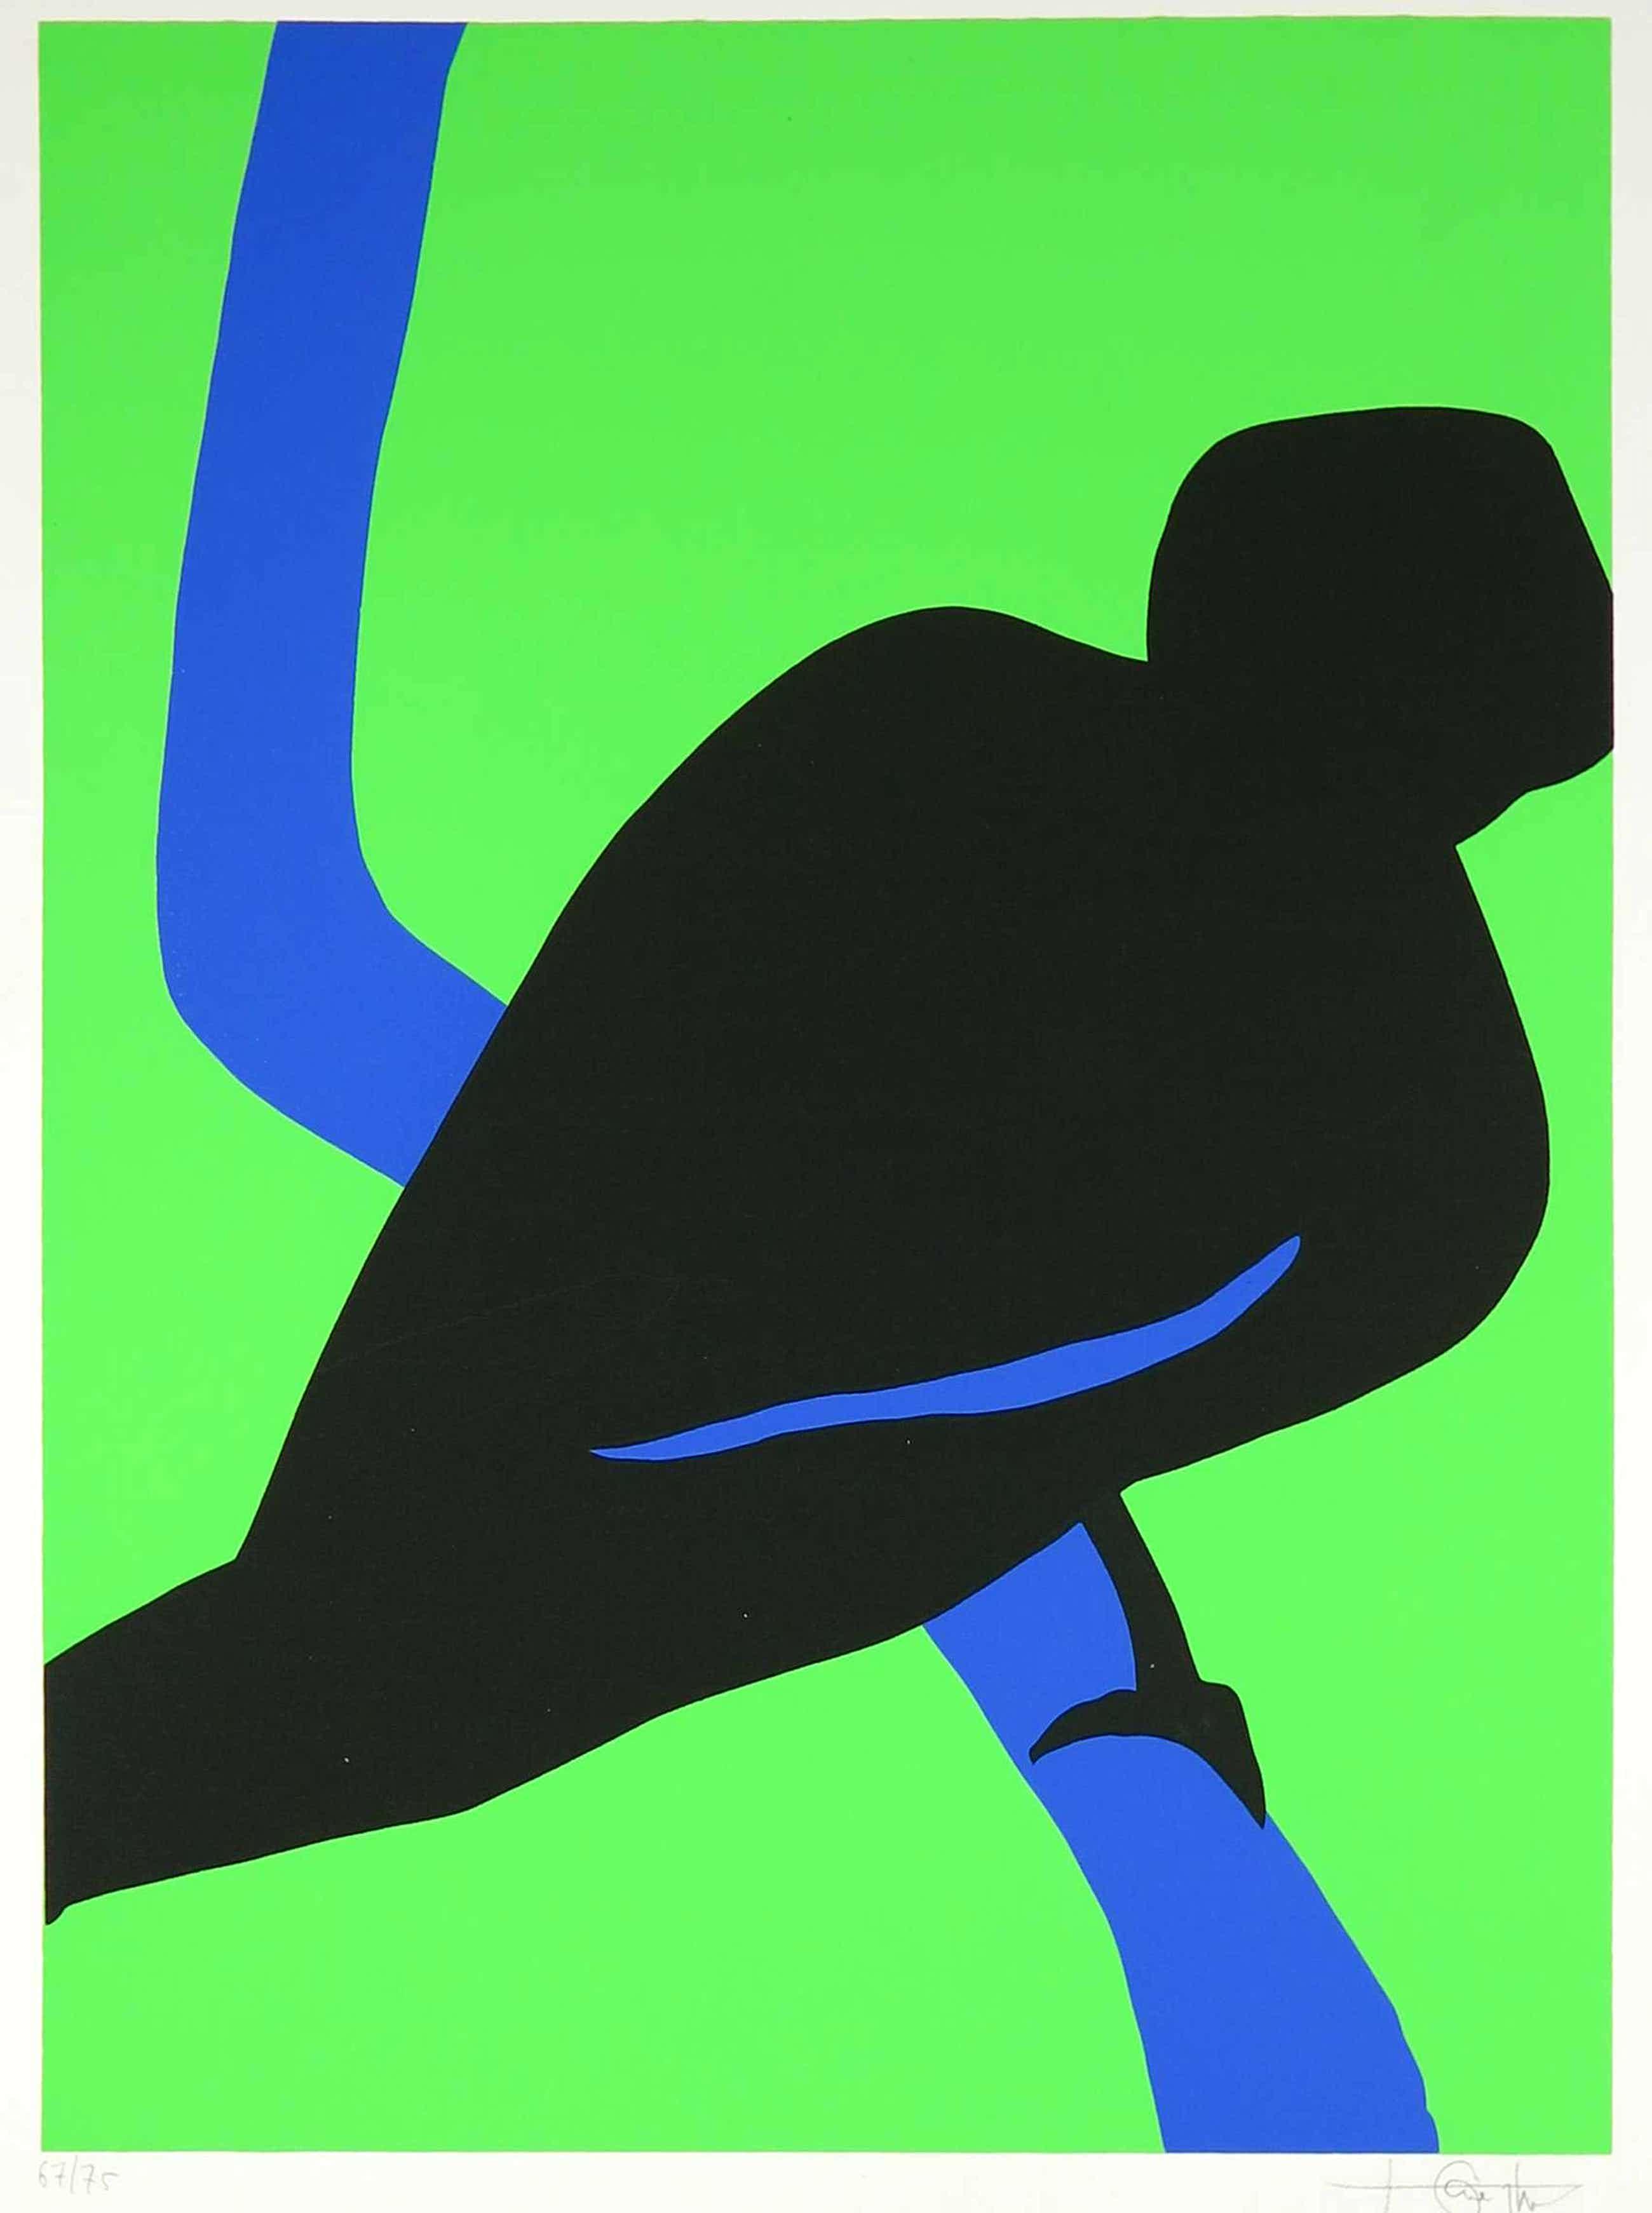 Niet of onleesbaar gesigneerd - Zeefdruk, Blackbird kopen? Bied vanaf 10!